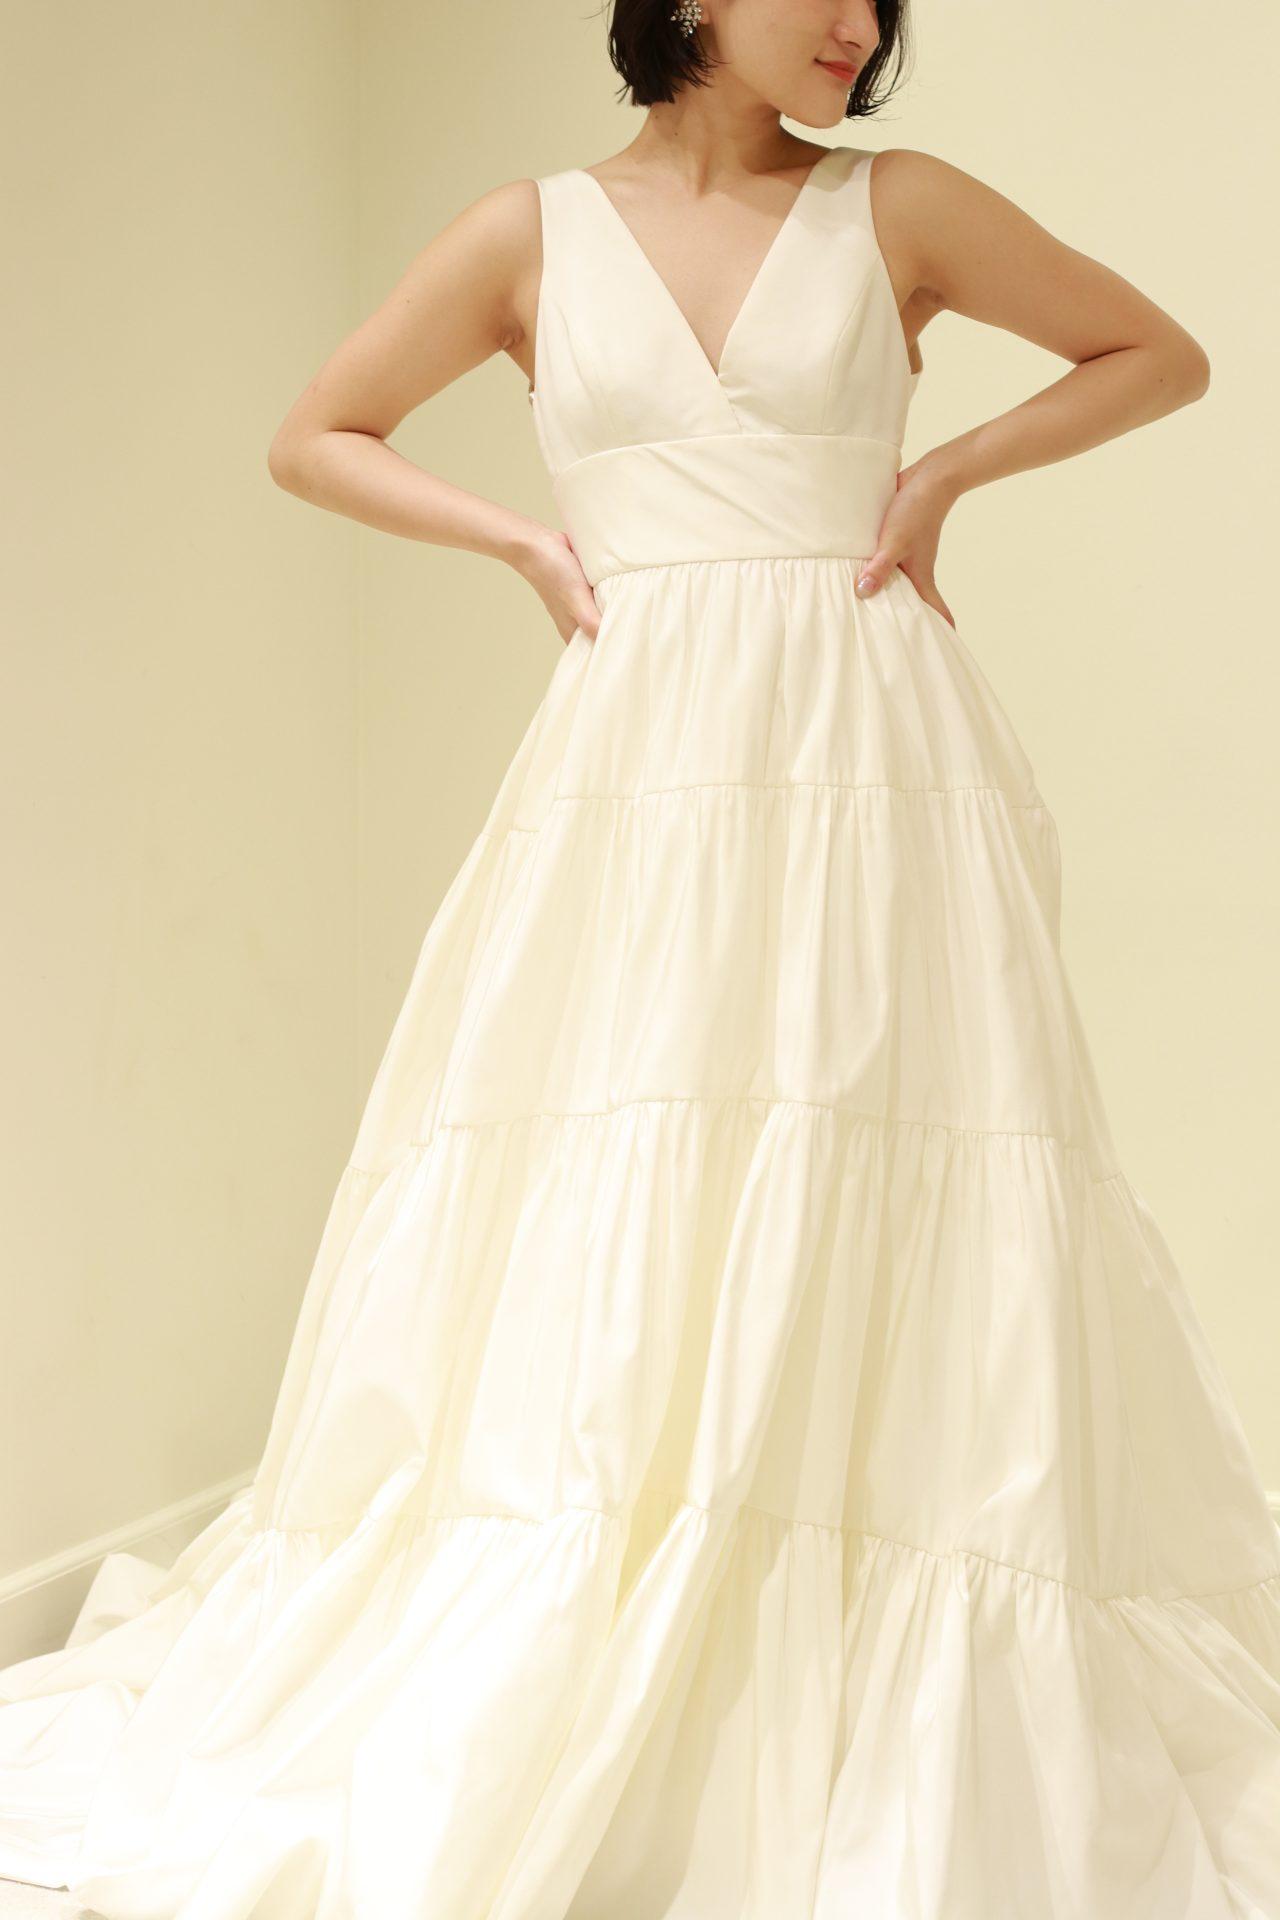 アムサーラの新作ウェディングドレスは、プレーンでモダンな雰囲気に、今期トレンドのティアードスカートで甘さを効かせたお洒落な印象で、お色直しや前撮りにおすすめです